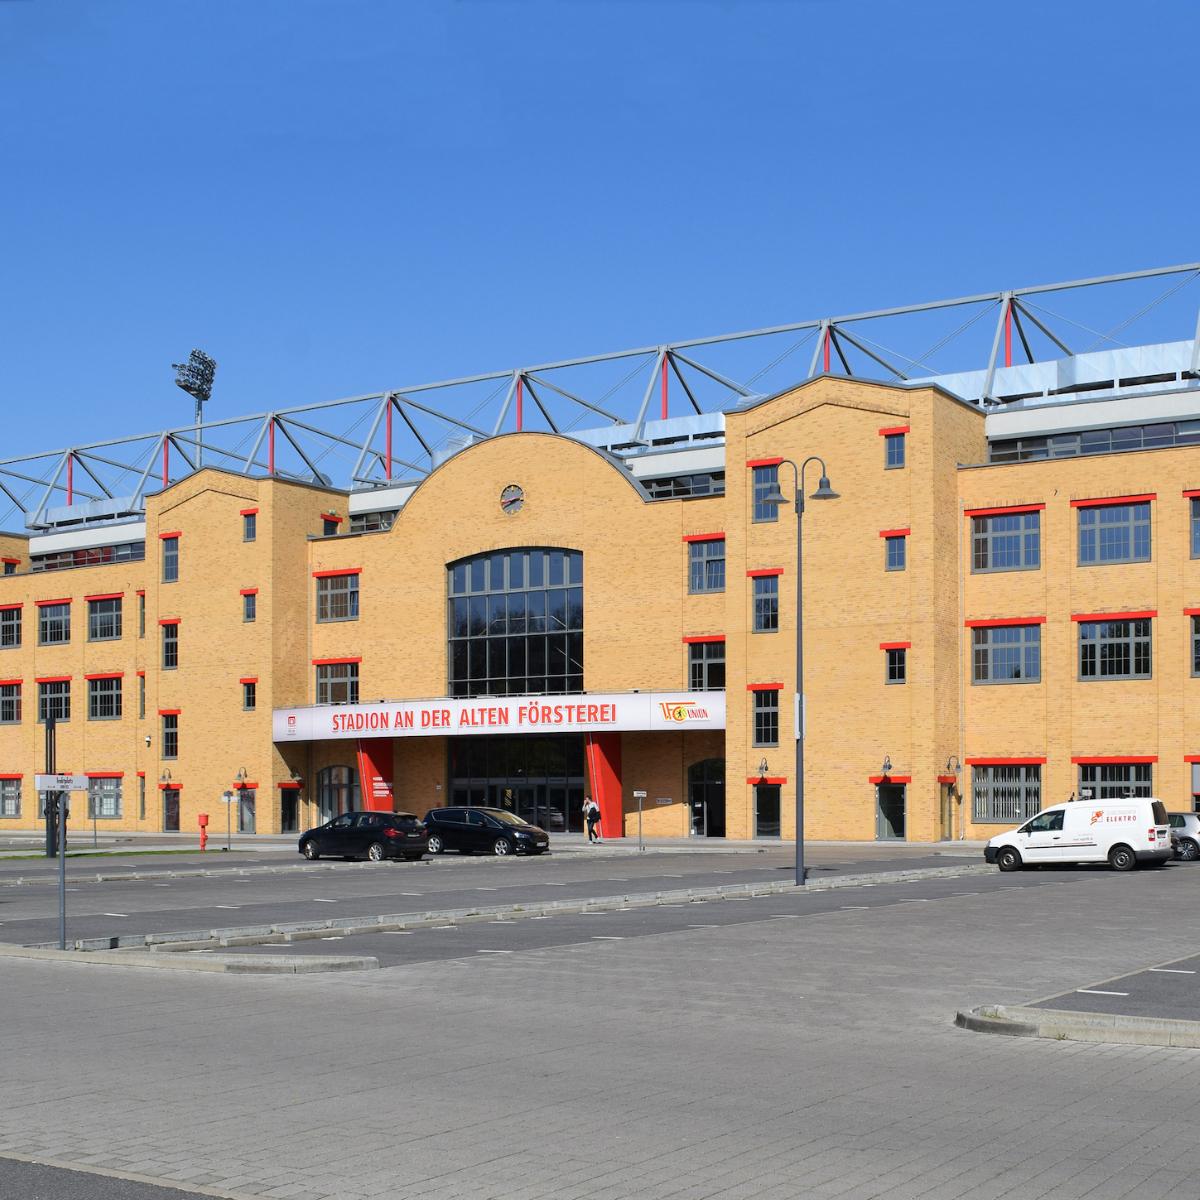 Stadion An der Alten Foersterei (1)